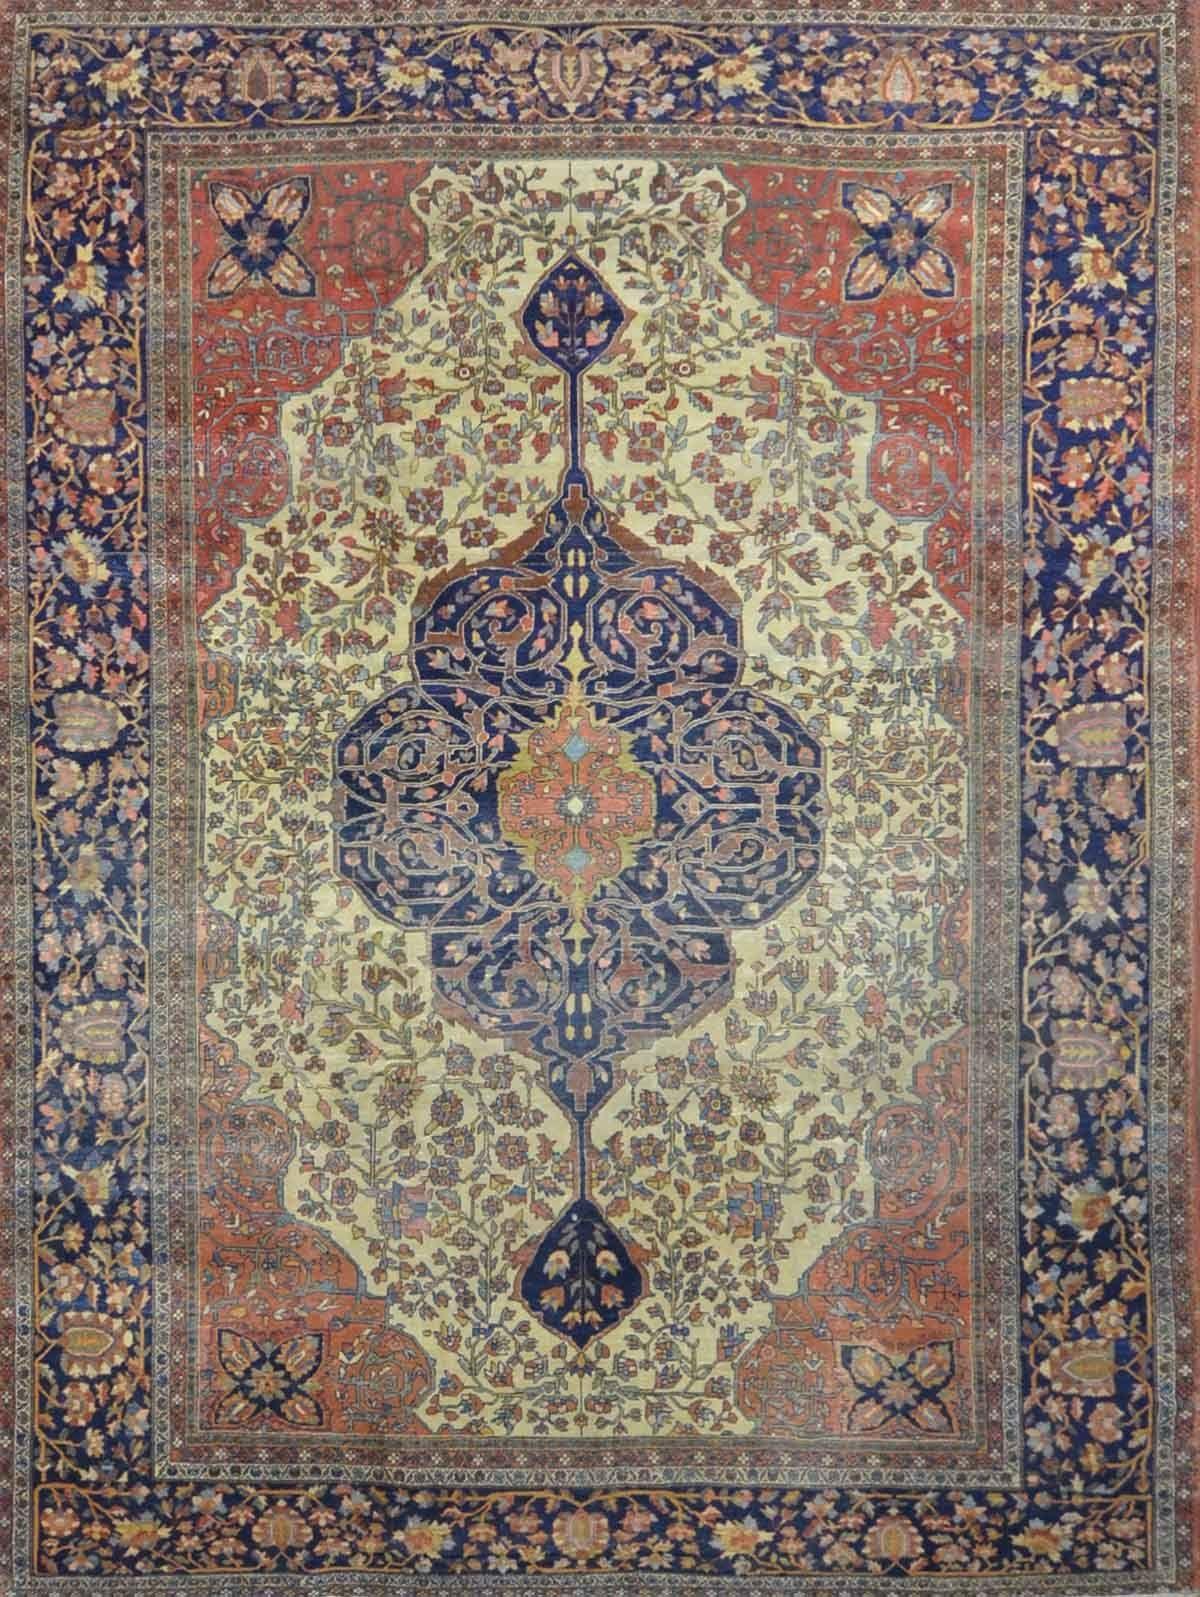 Antique persian saroukh farahan rug ue design ue u x u in